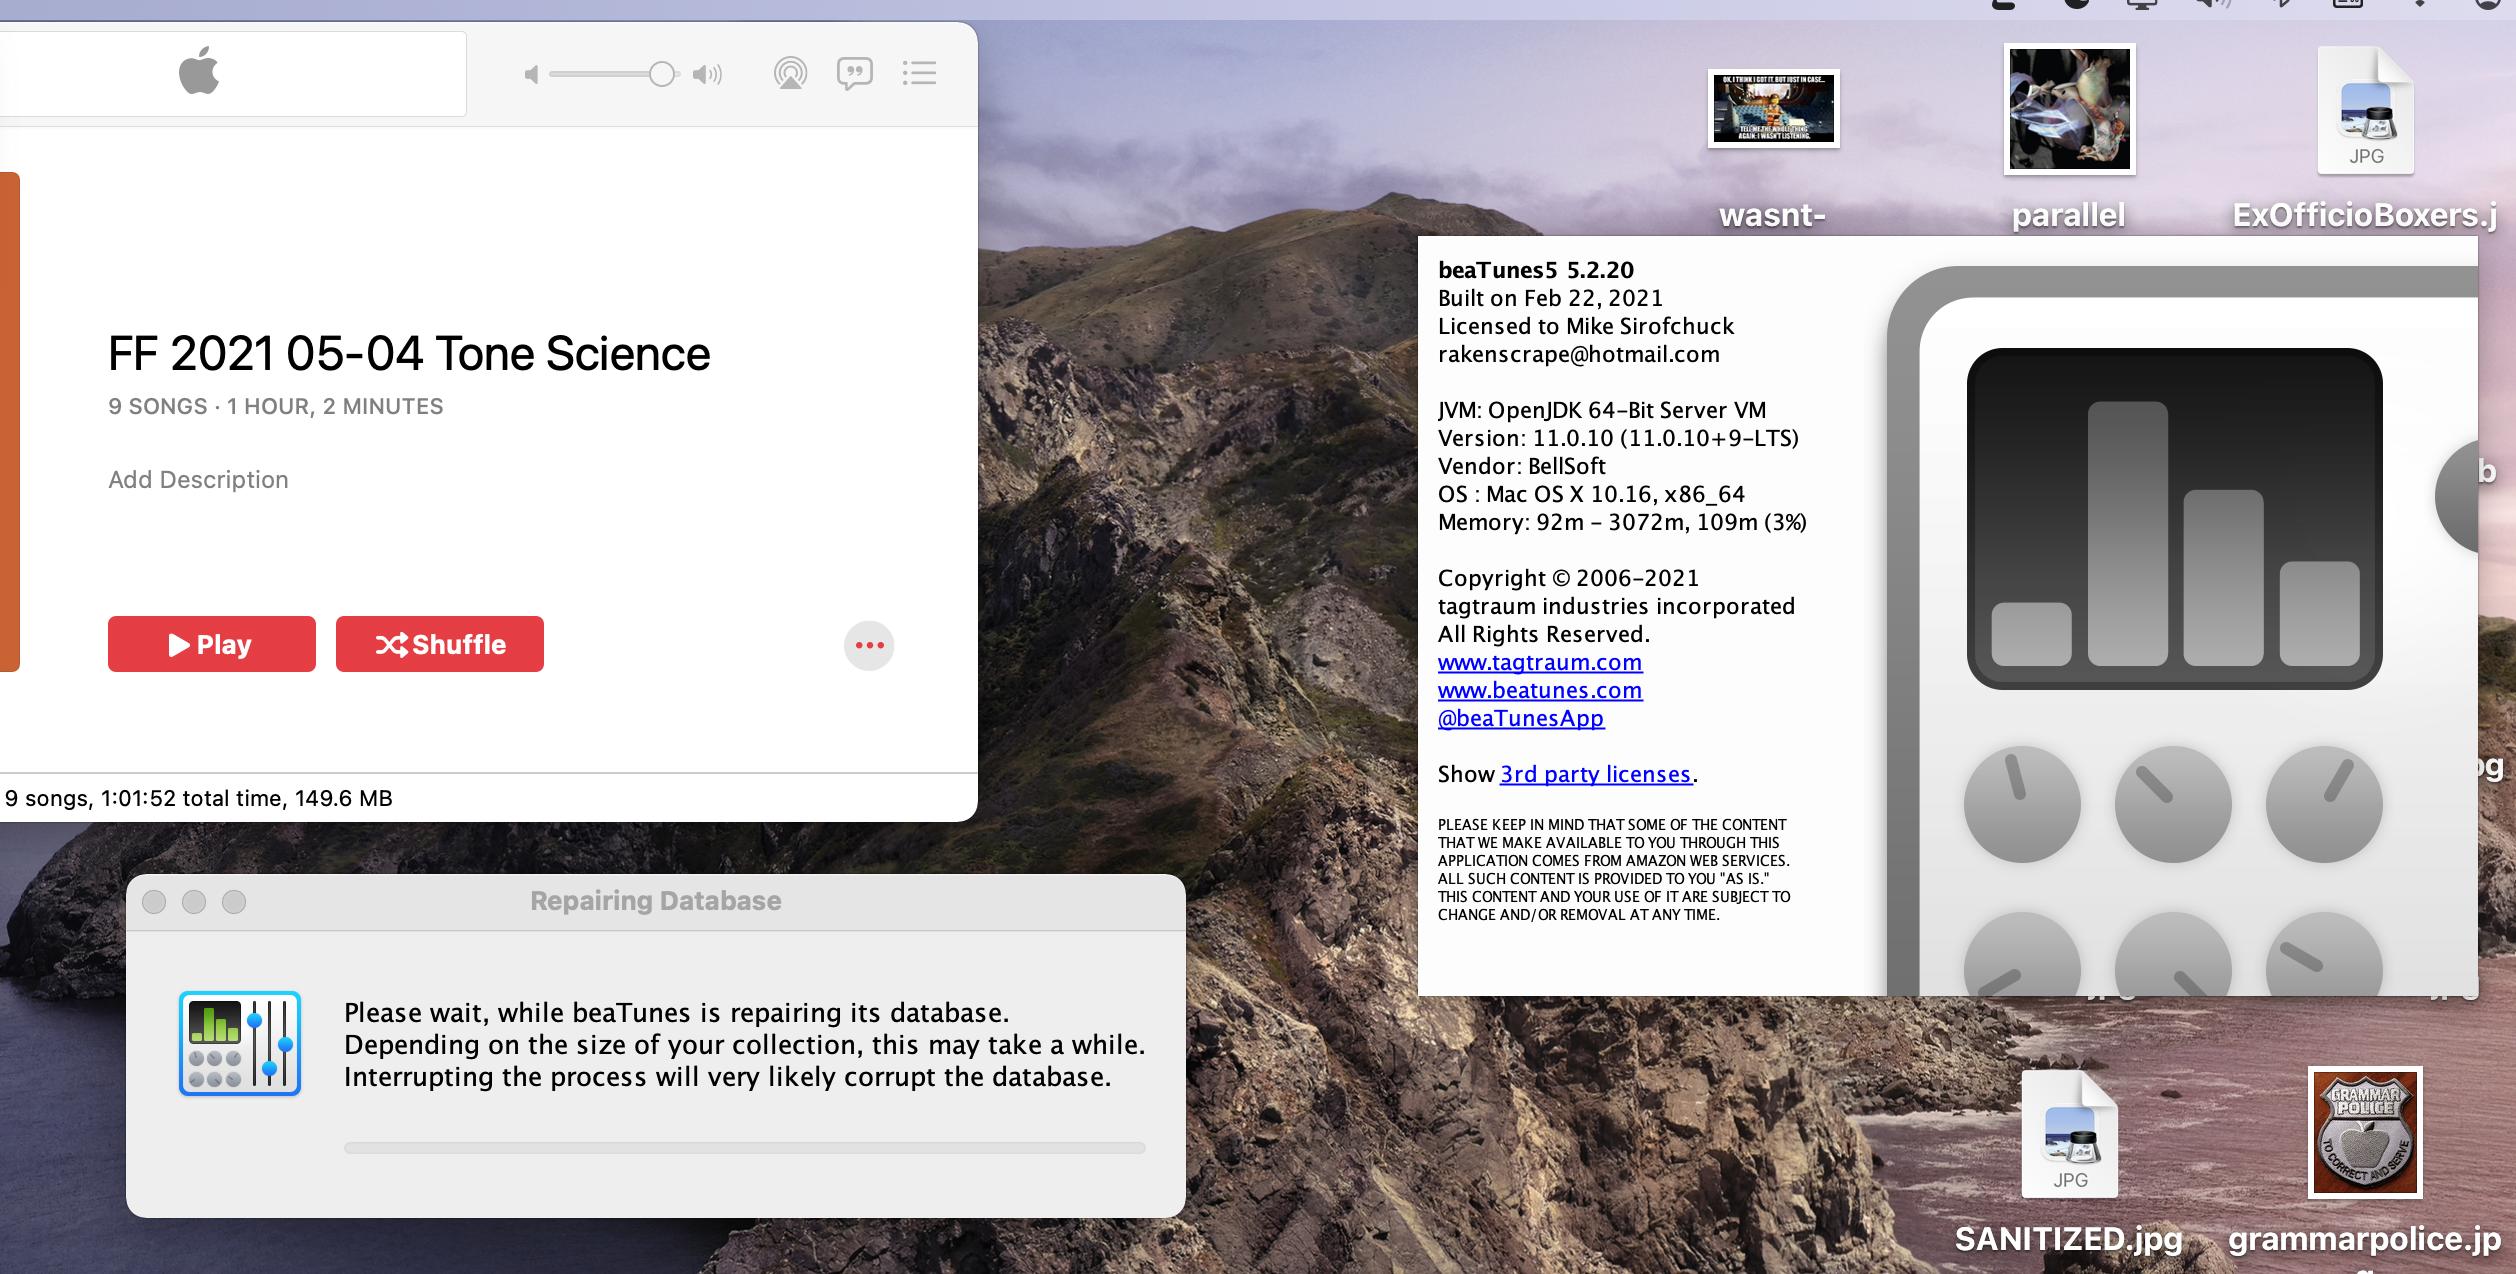 Screen_shot_2021-04-28_at_12.50.11_pm